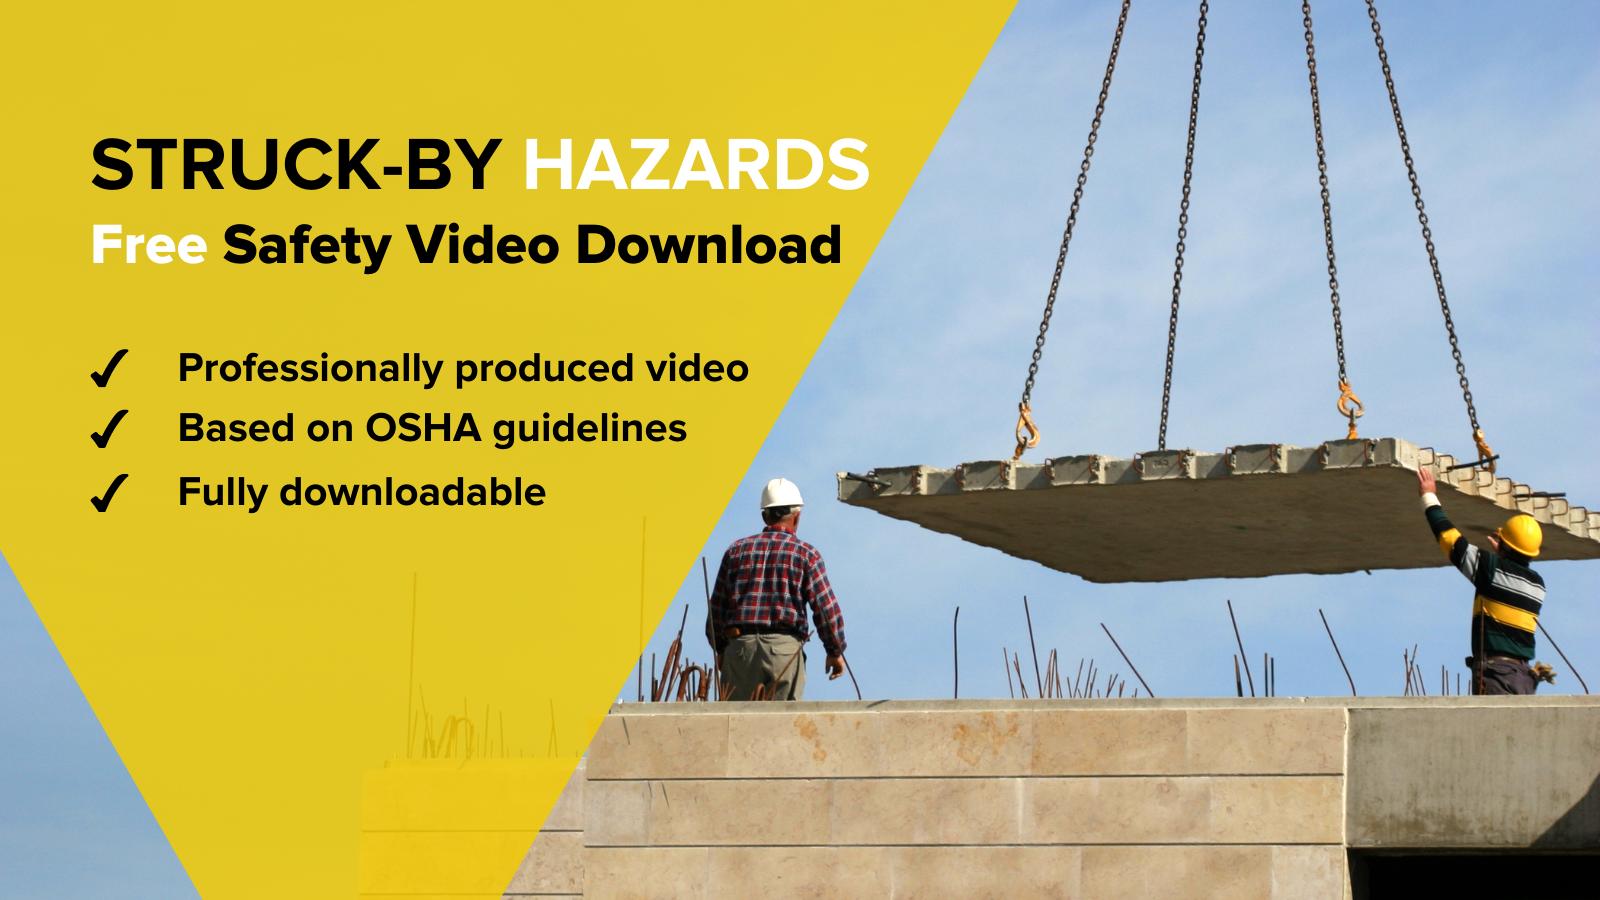 Free Video Struck-by Hazards